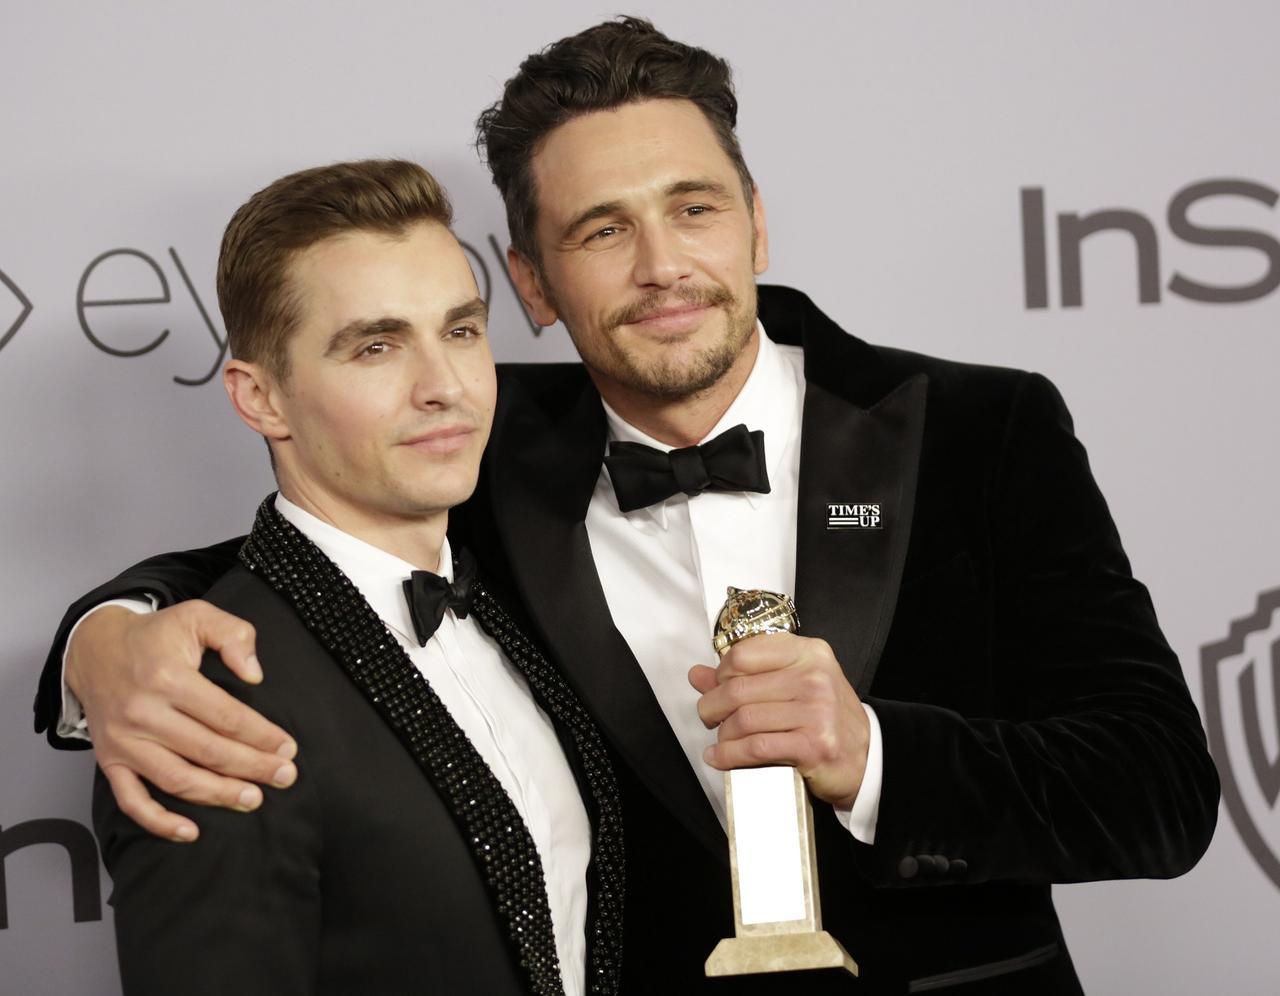 画像: 映画『ザ・ディザスター・アーティスト』で共演した弟で俳優のデイヴ・フランコと共にプレスルームに登場したジェームズ。